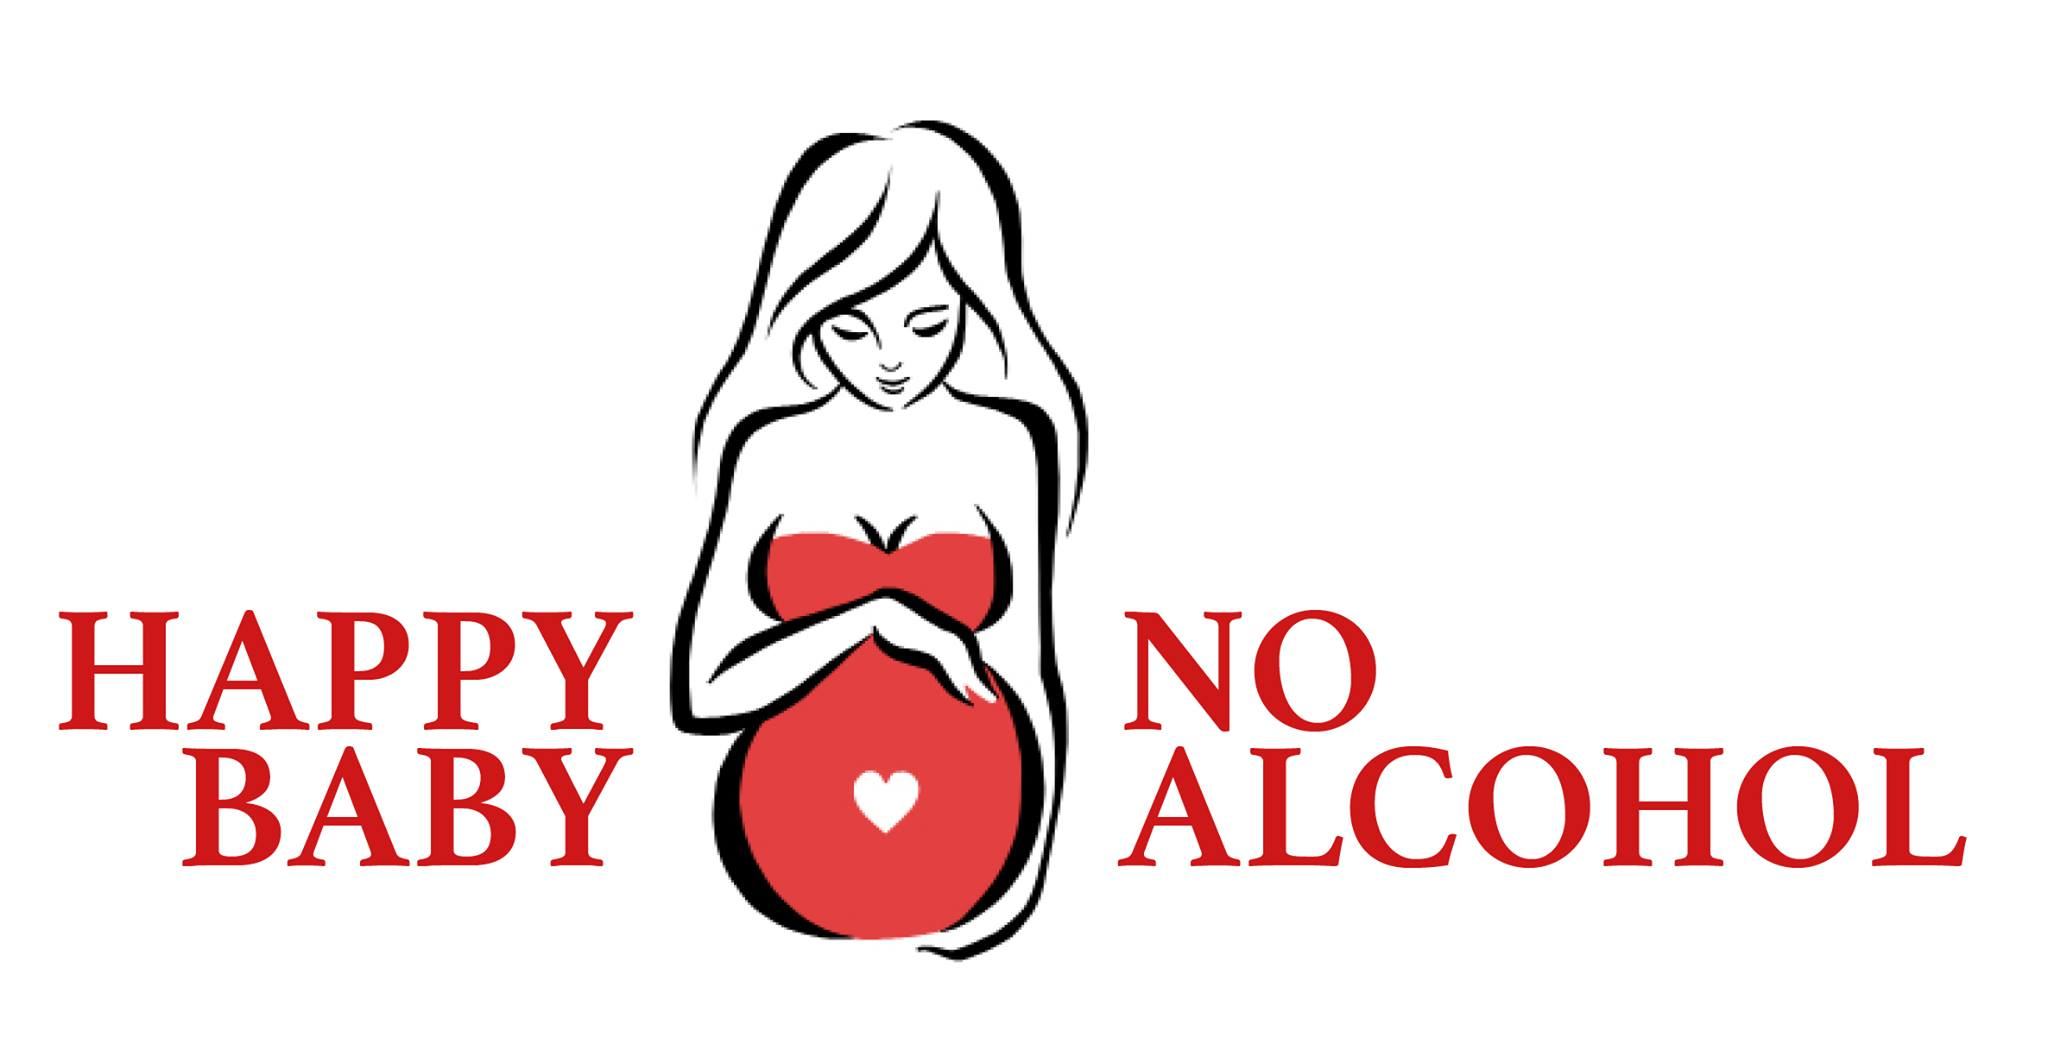 HAPPY BABY NO ALCOHOL